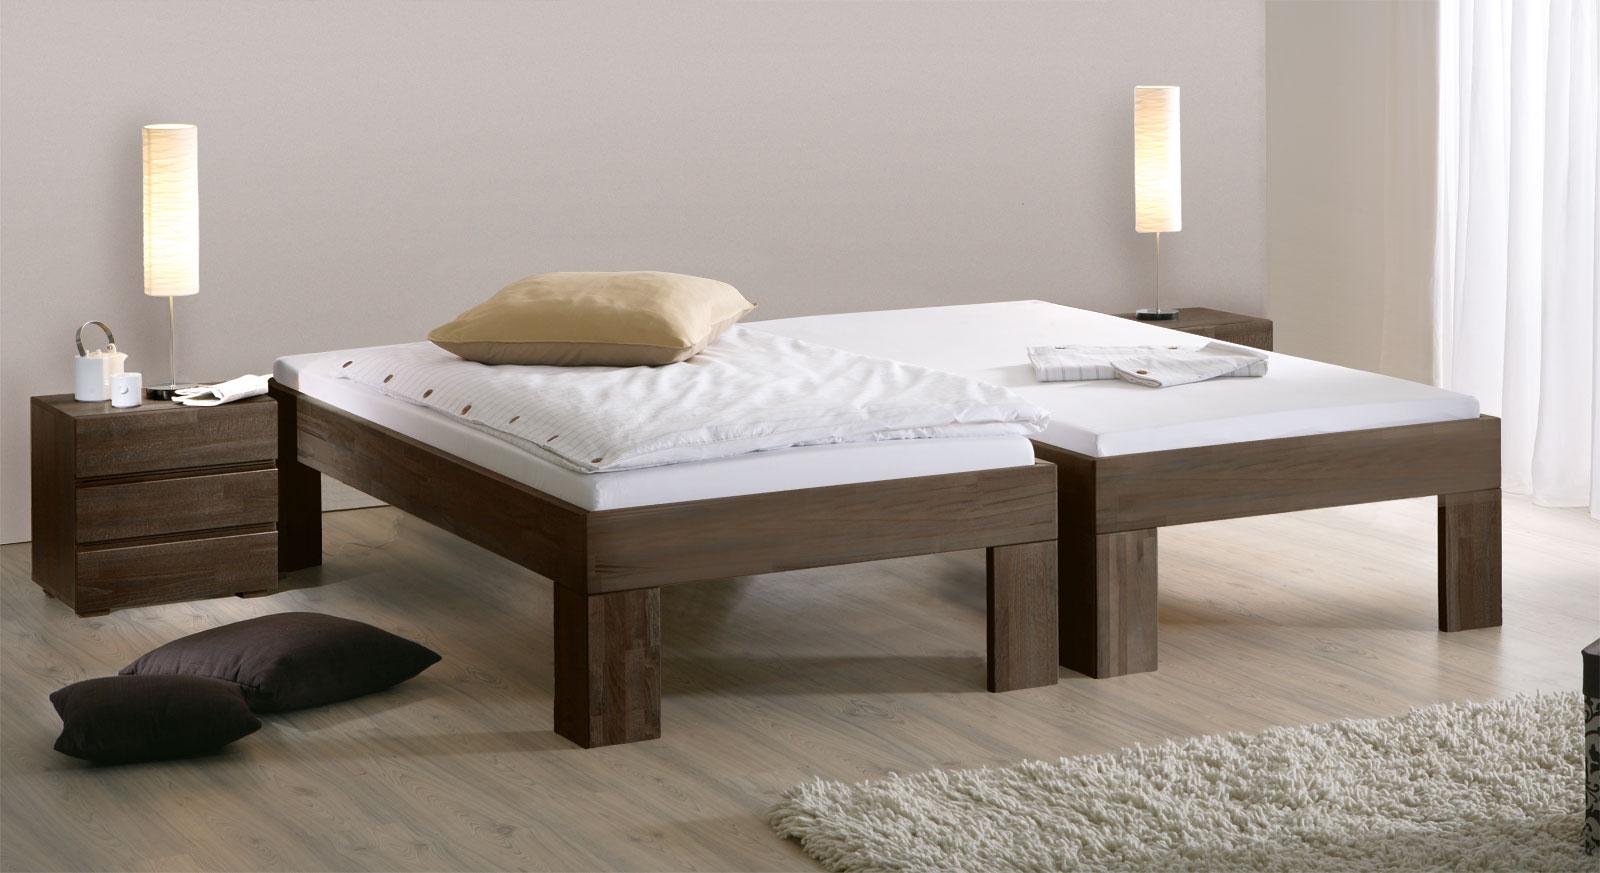 Bett Lucca Komfort mit Fusshöhe 30cm in Wenge